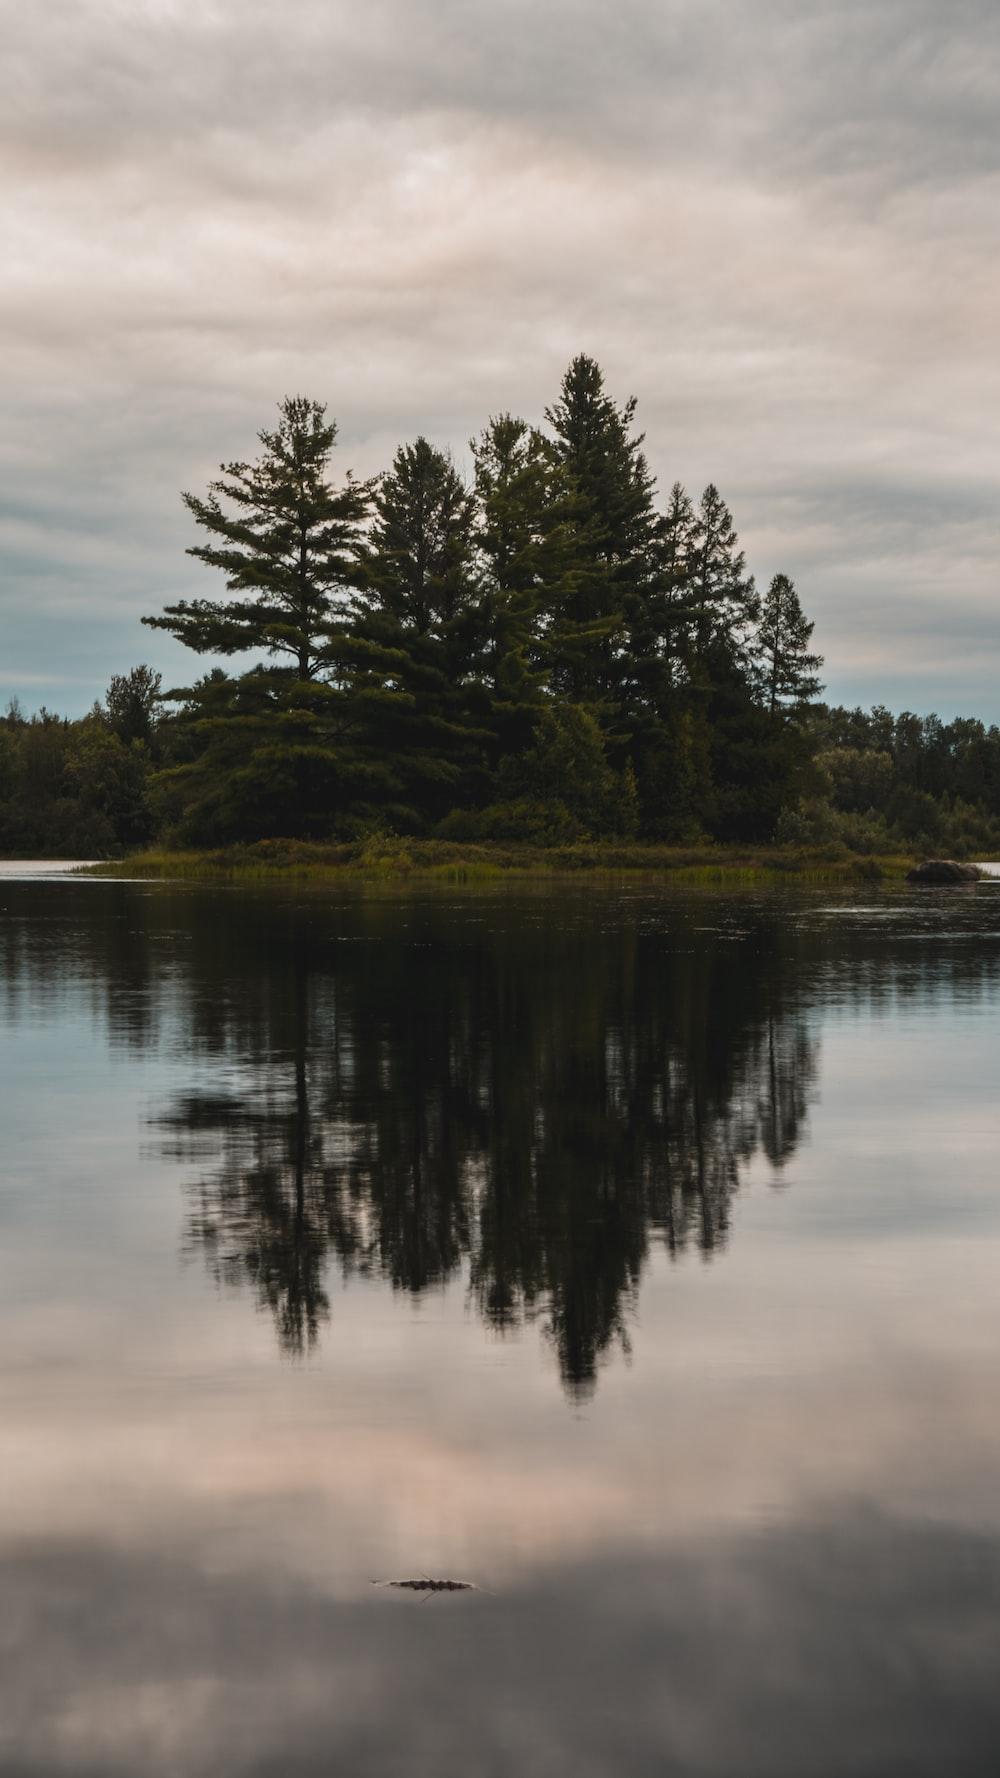 green trees beside lake during daytime